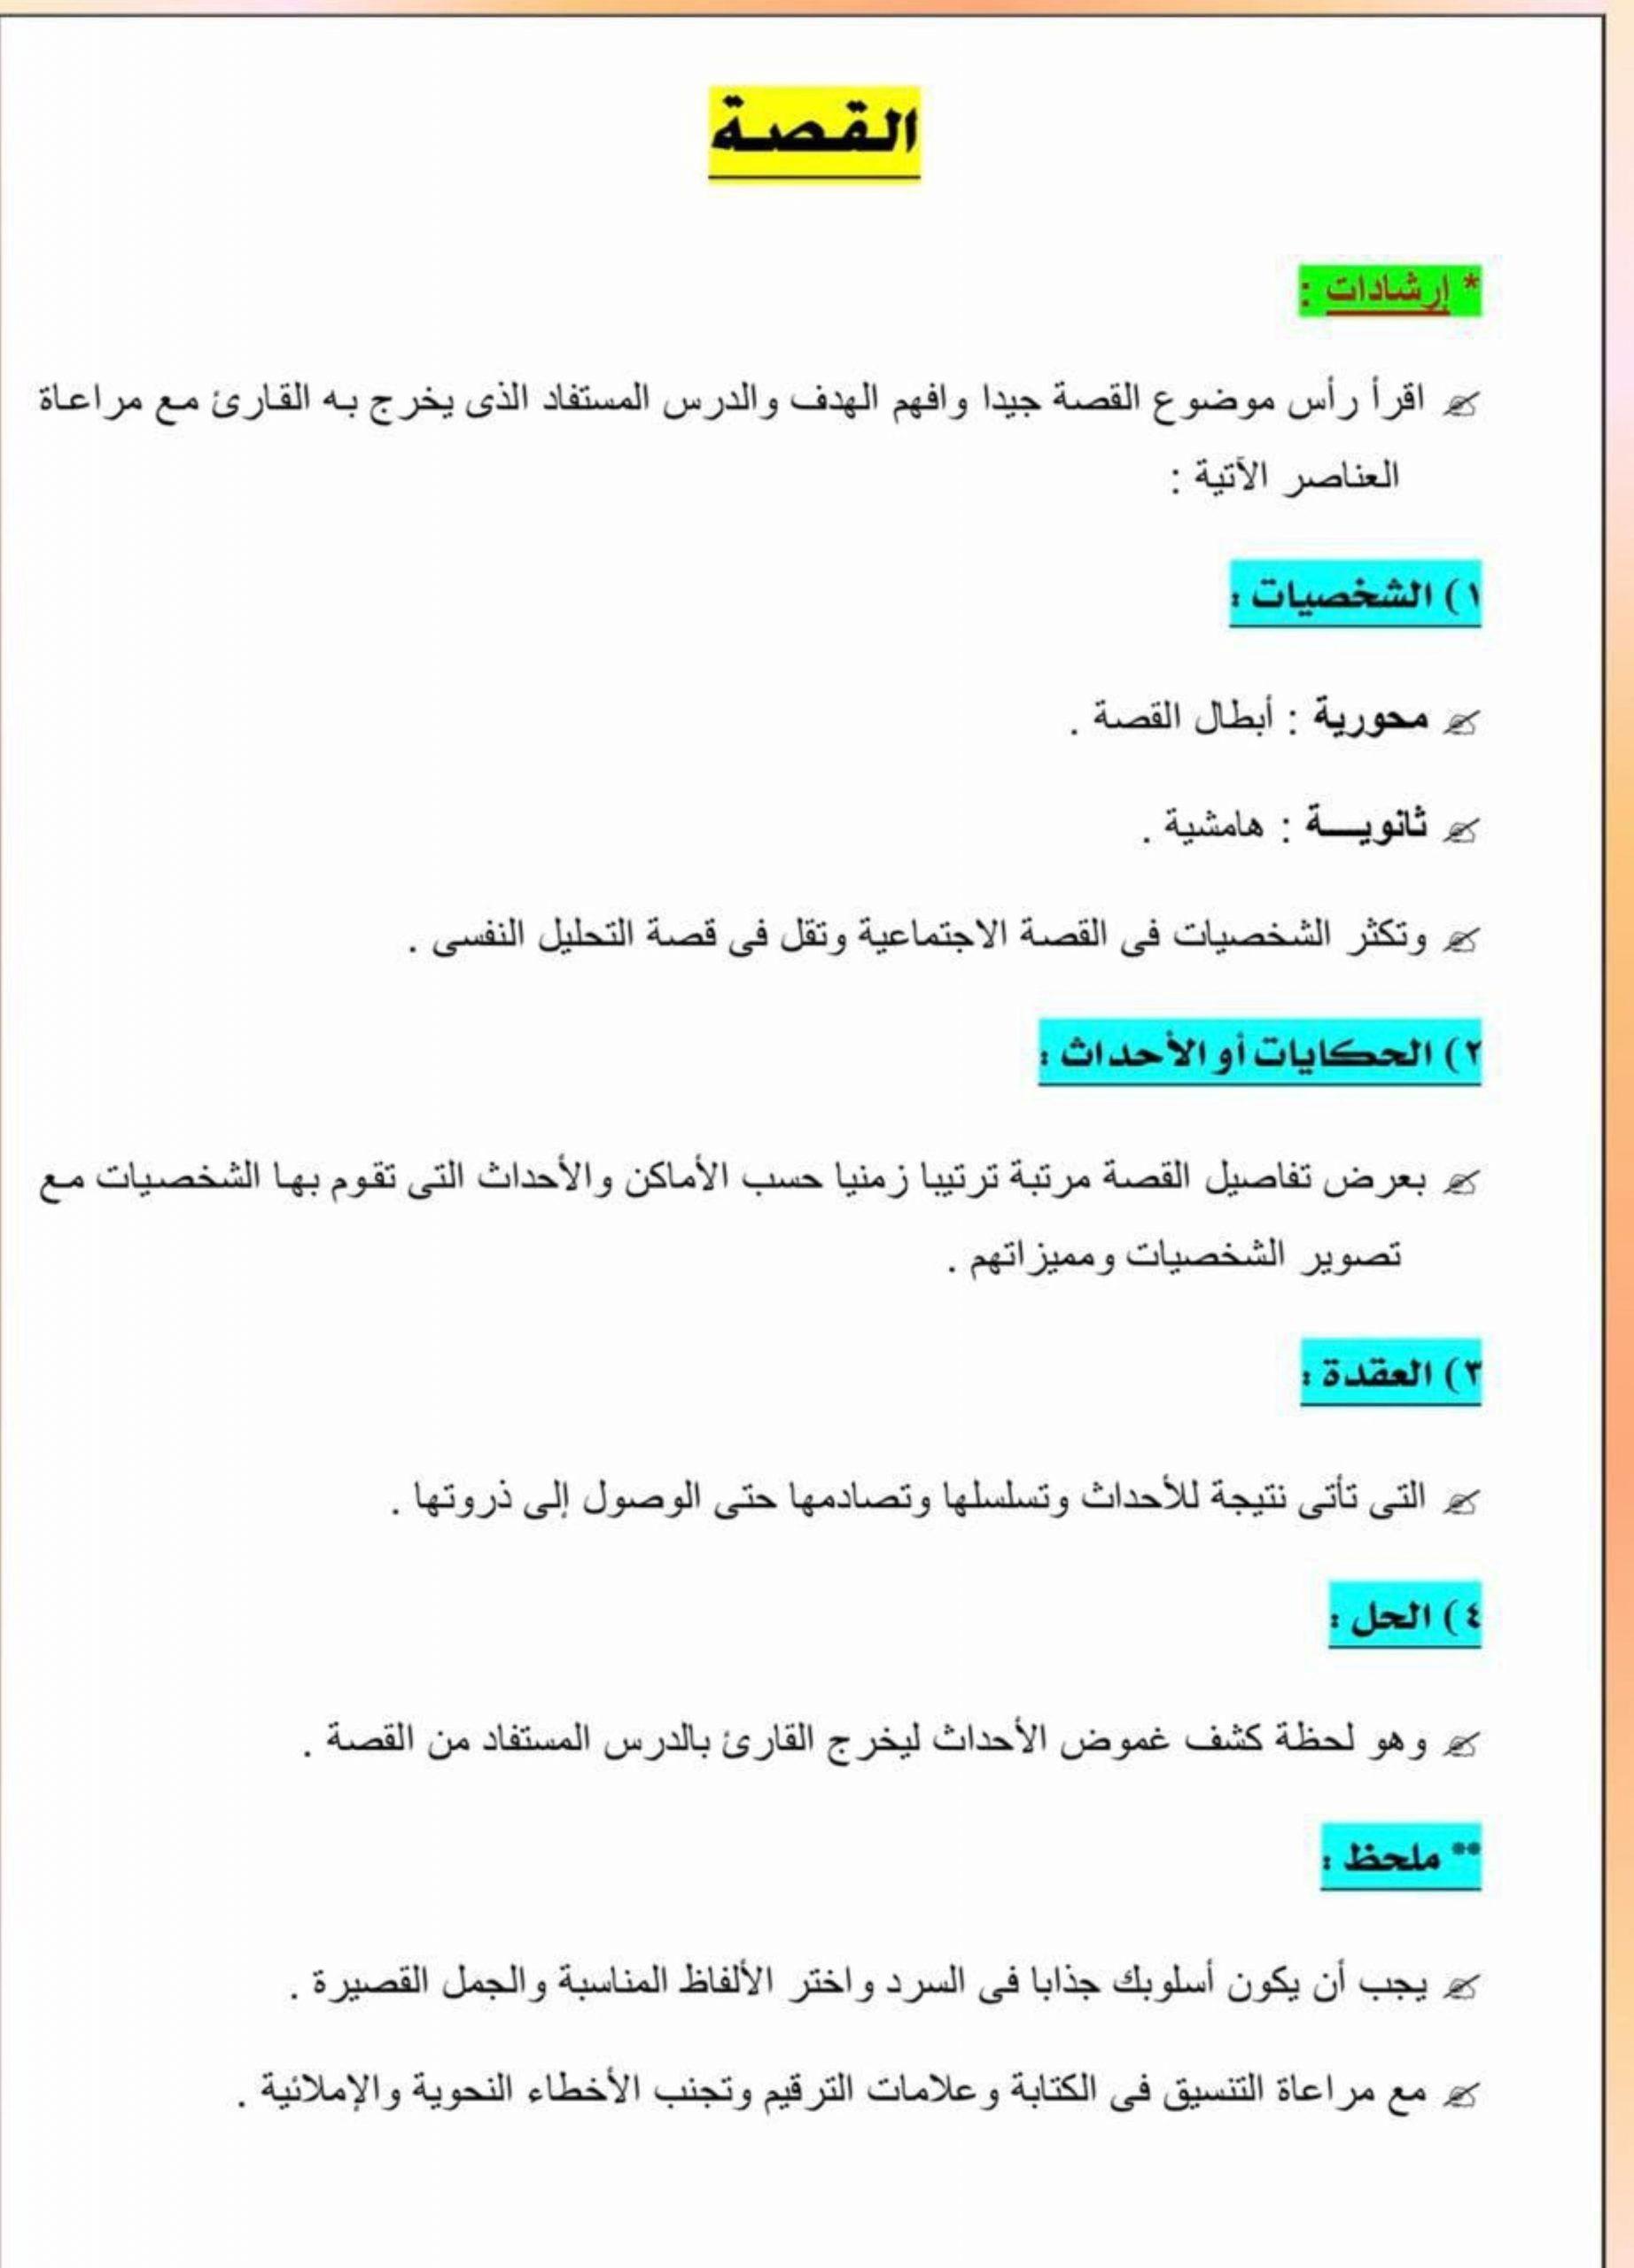 مواضيع كتابة متنوعة مختارة الصف السادس مادة اللغة العربية Arabic Worksheets Worksheets